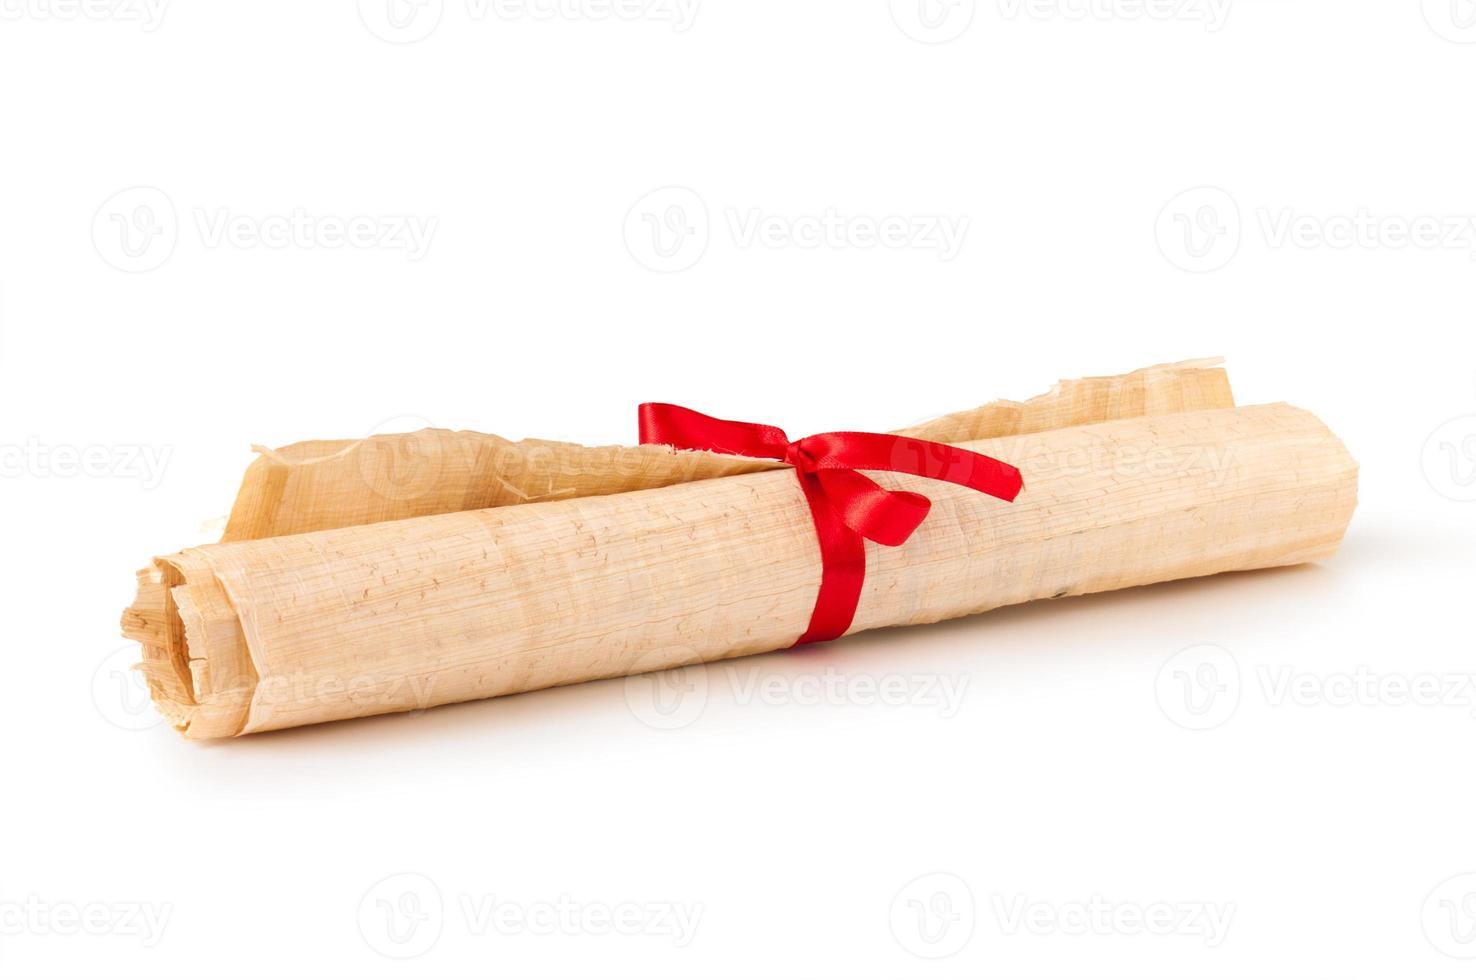 velho rolo de papiro em rolo com fita foto